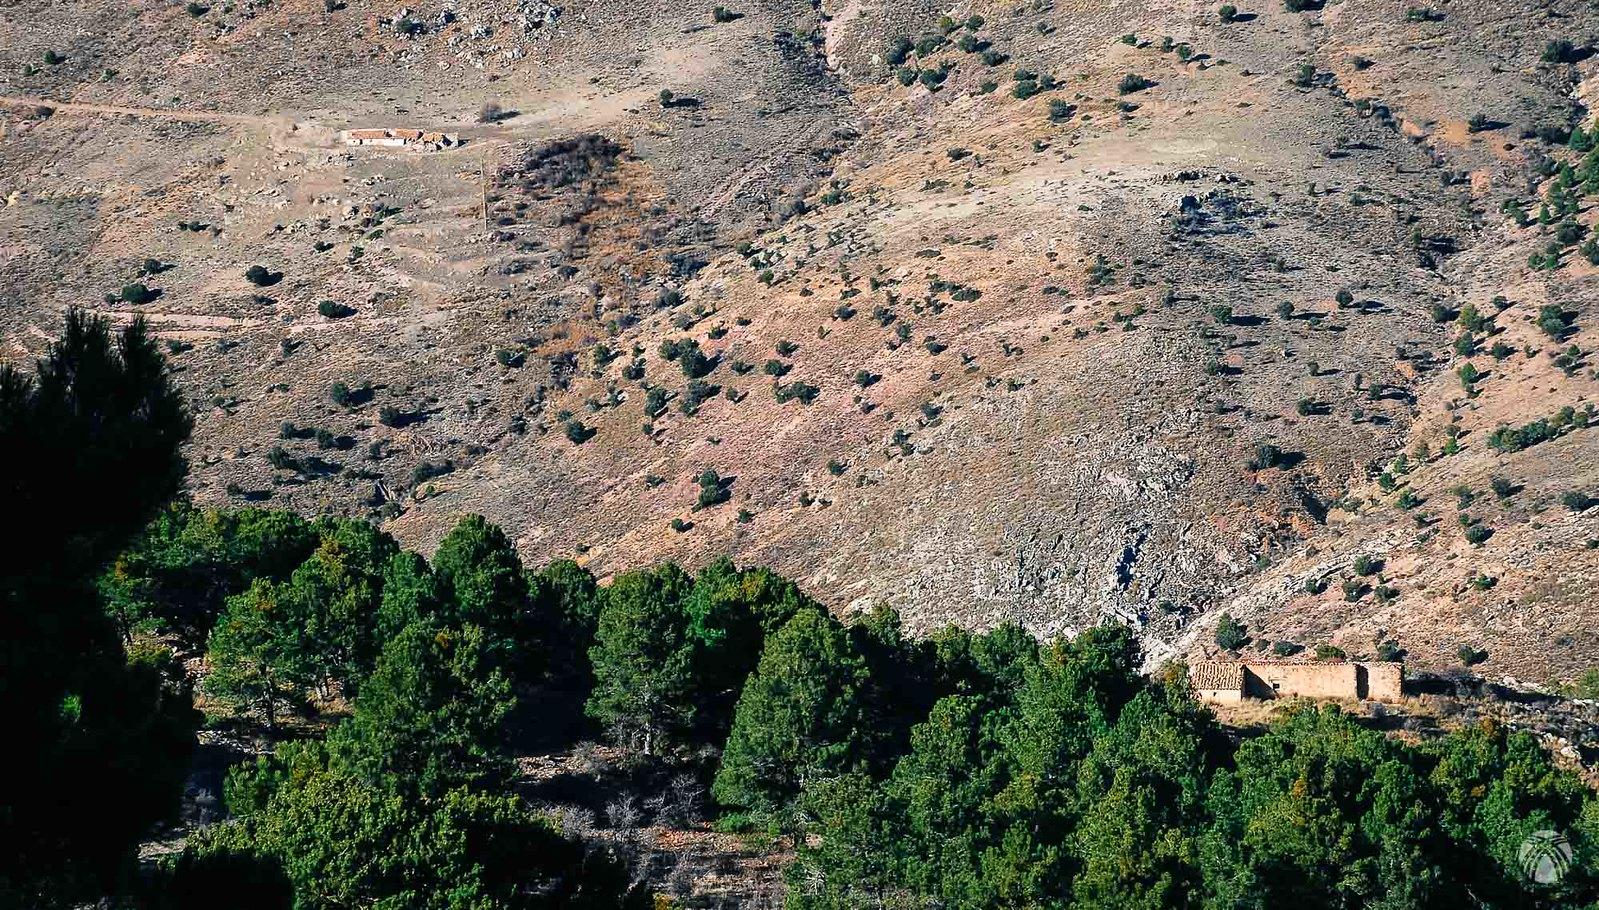 Cortijo de los Cazadores y cerro Quintana enfrente